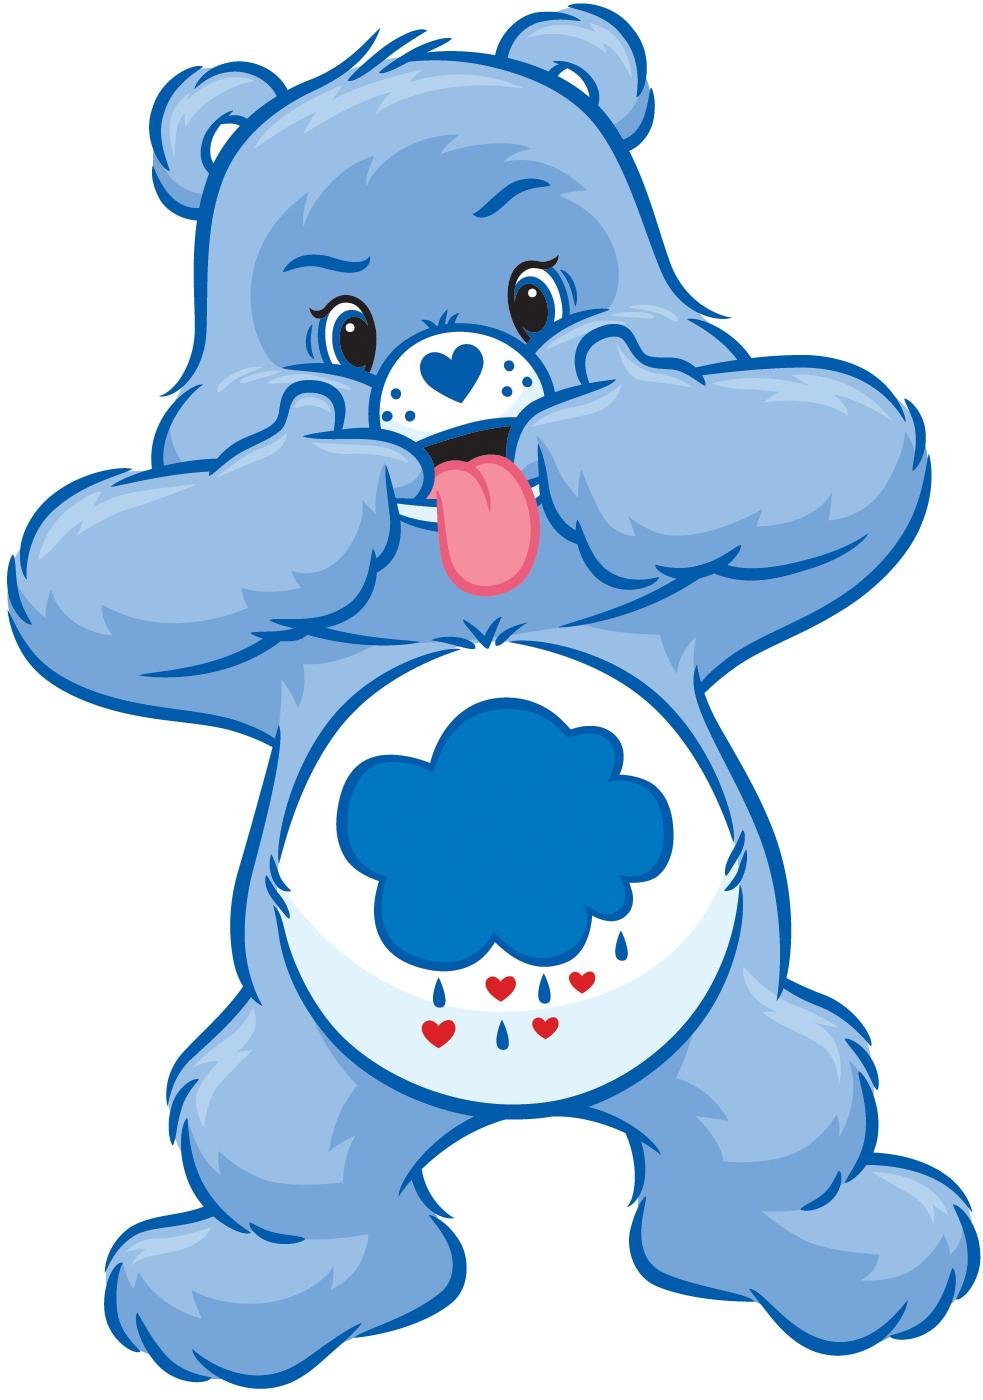 Grumpy chịu, gấu